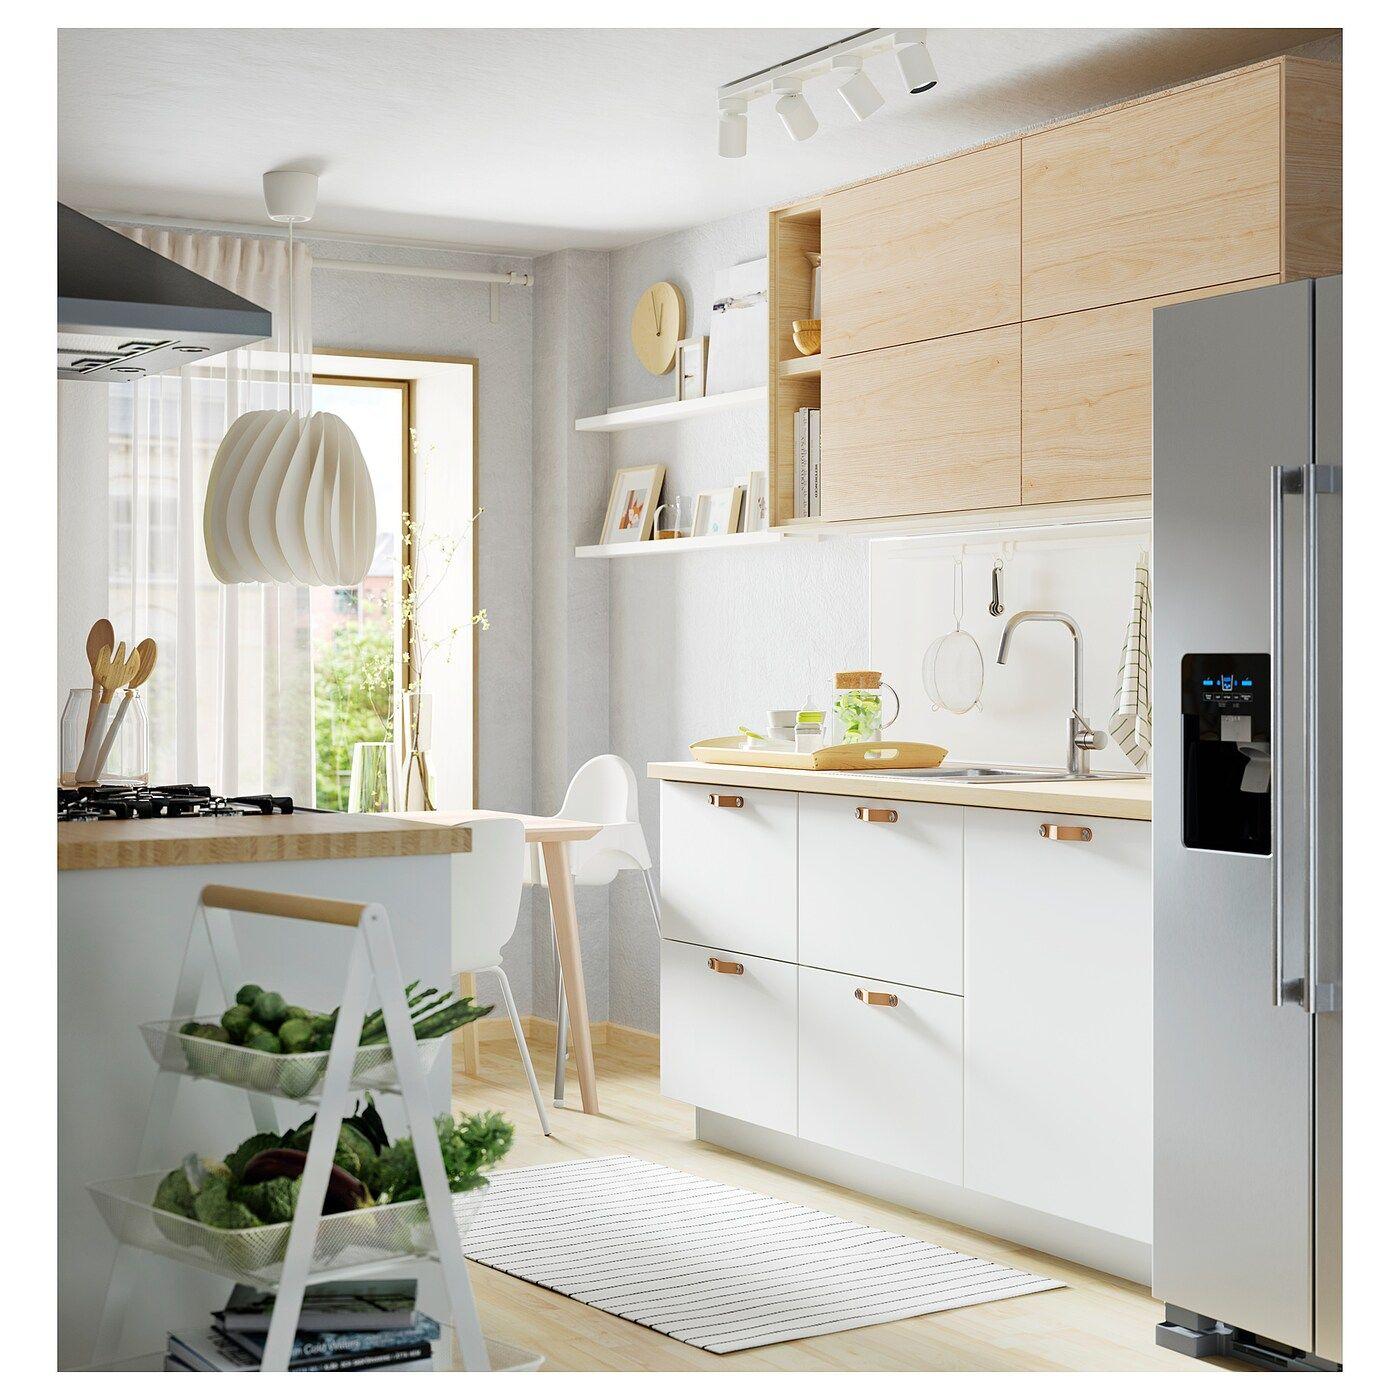 Pinnarp Arbeitsplatte Esche Furnier Ikea Osterreich Countertops Kitchen Niche Wood Countertops